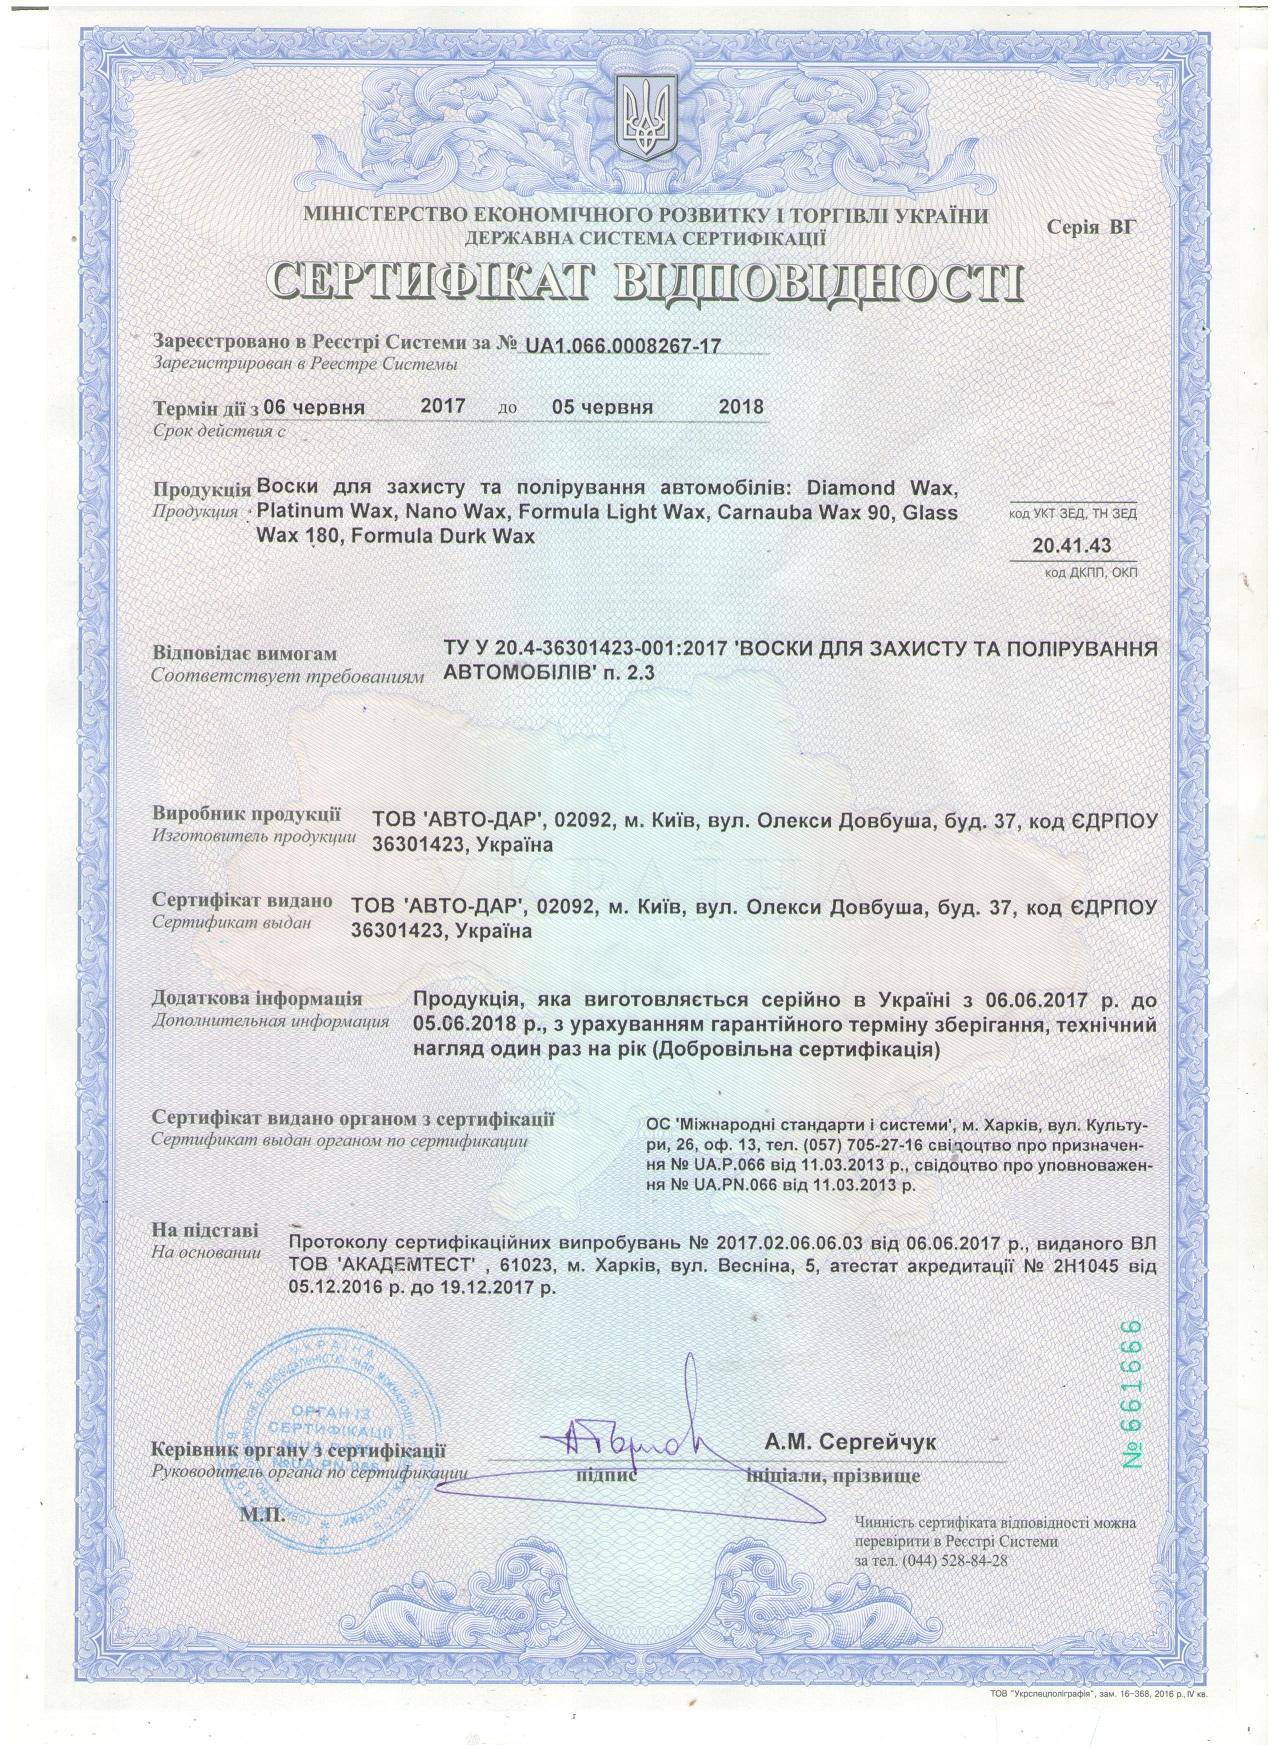 Малахит ИСК, ООО